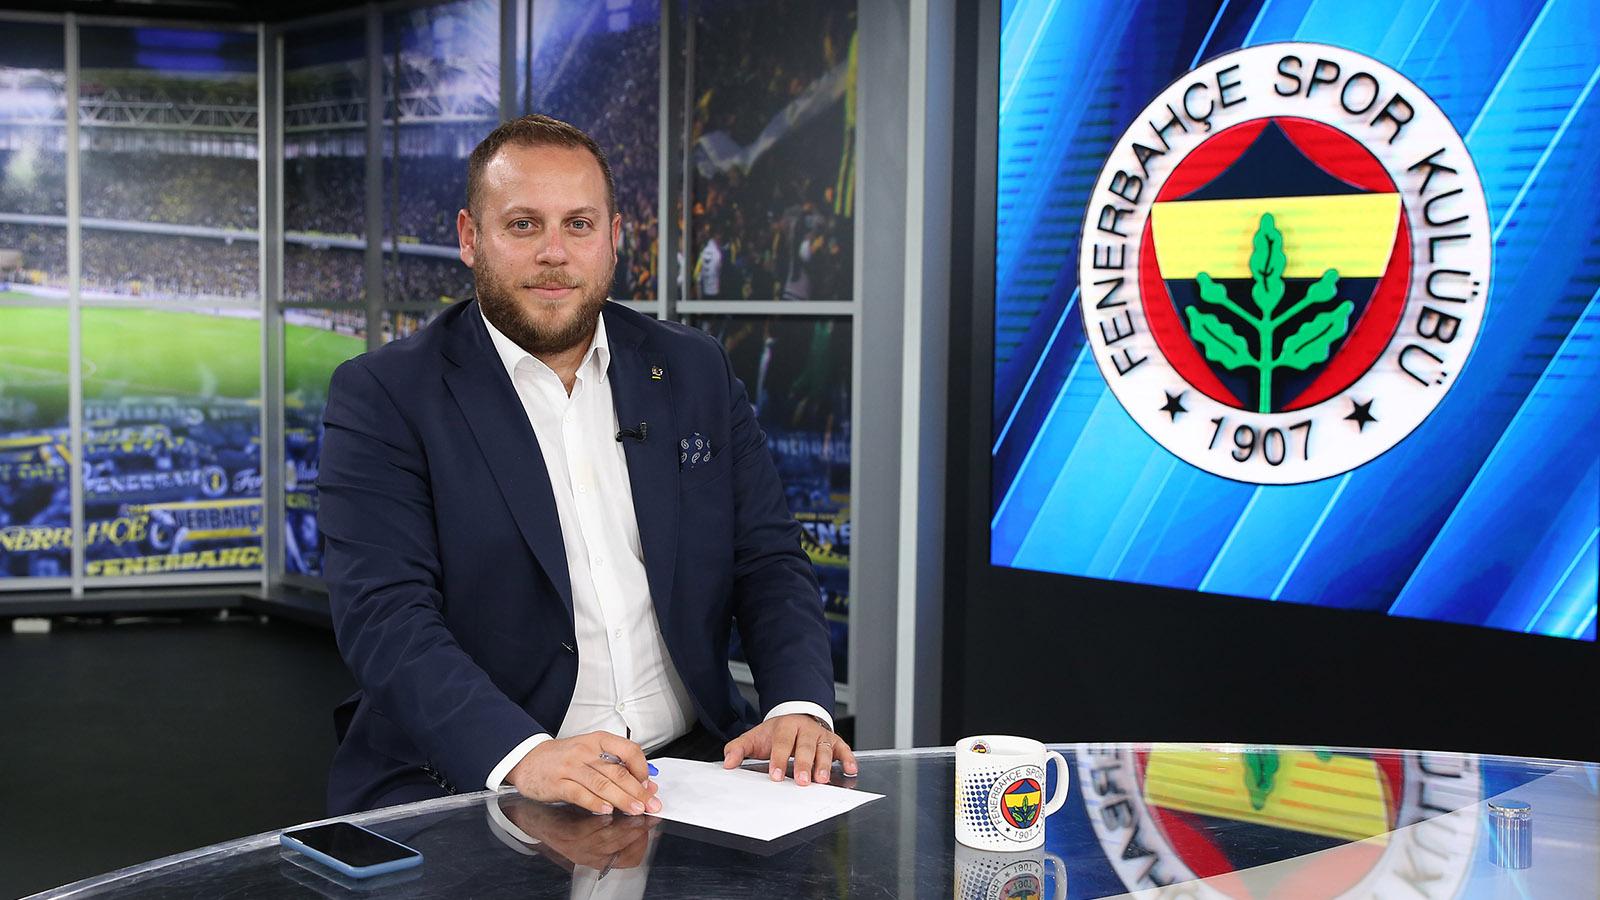 Yöneticimiz Alper Pirşen'den Lisans Kurulu'na ve Vedat Muriqi'nin sevkine dair açıklamalar